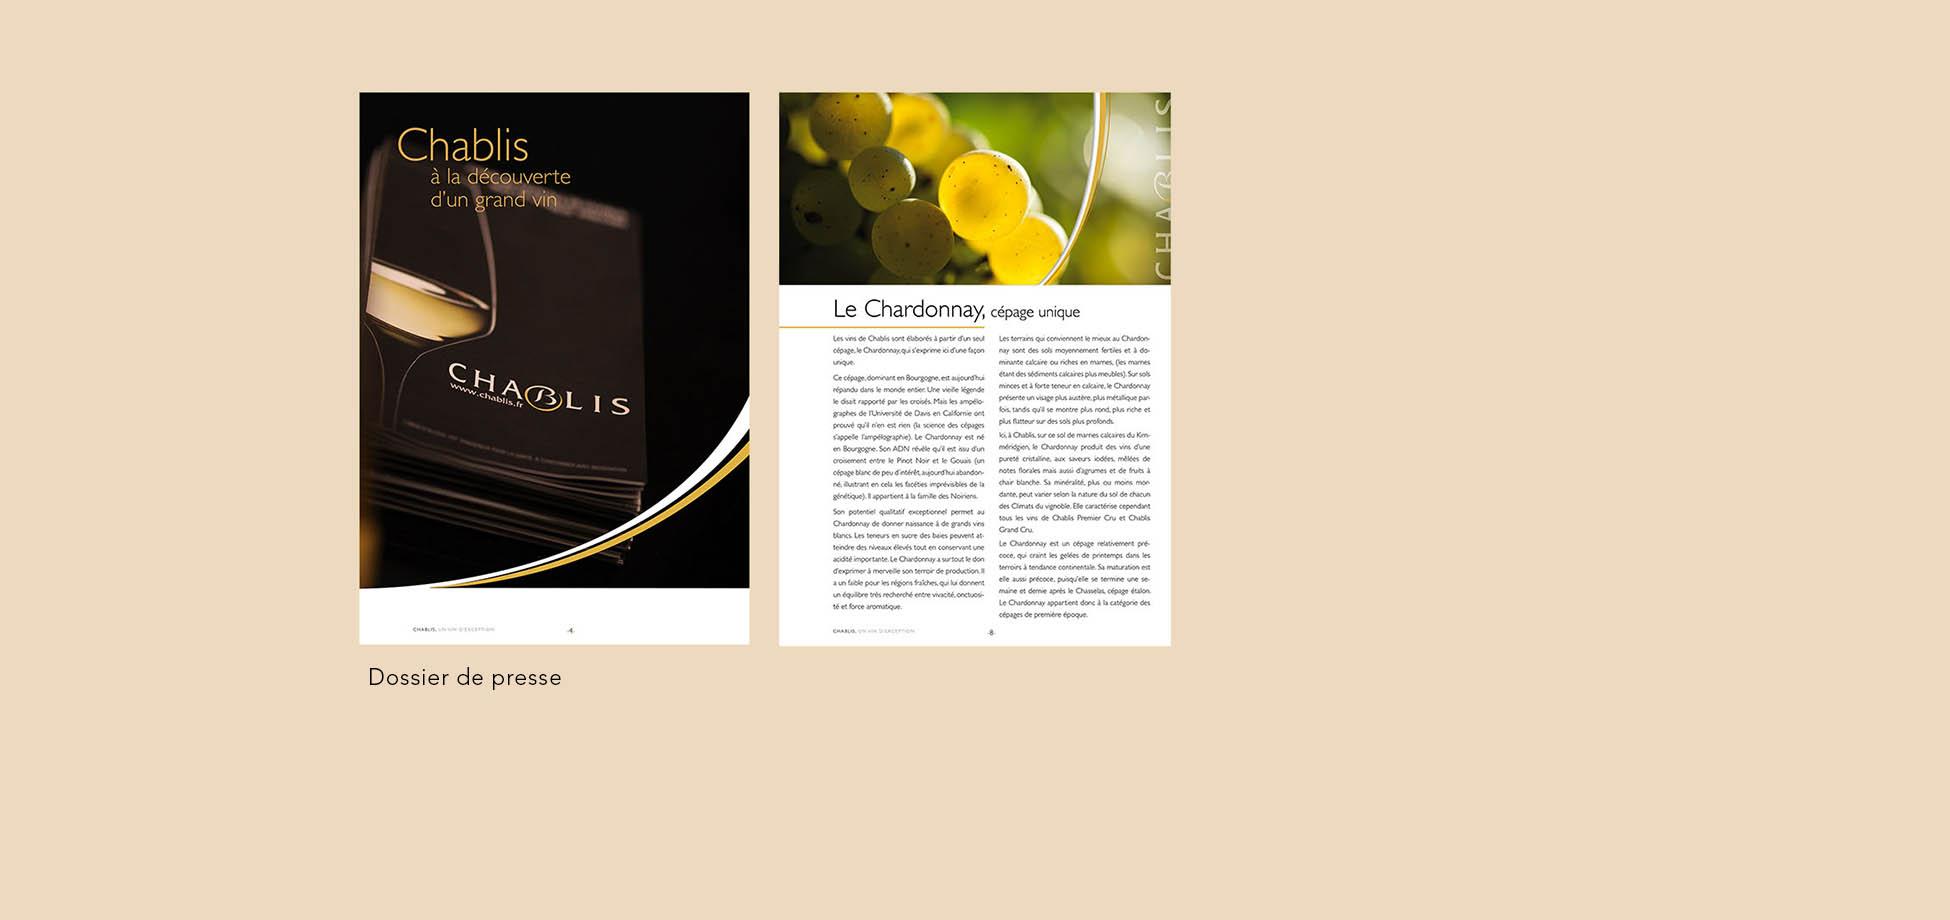 dossier-de-presse-chablis-03